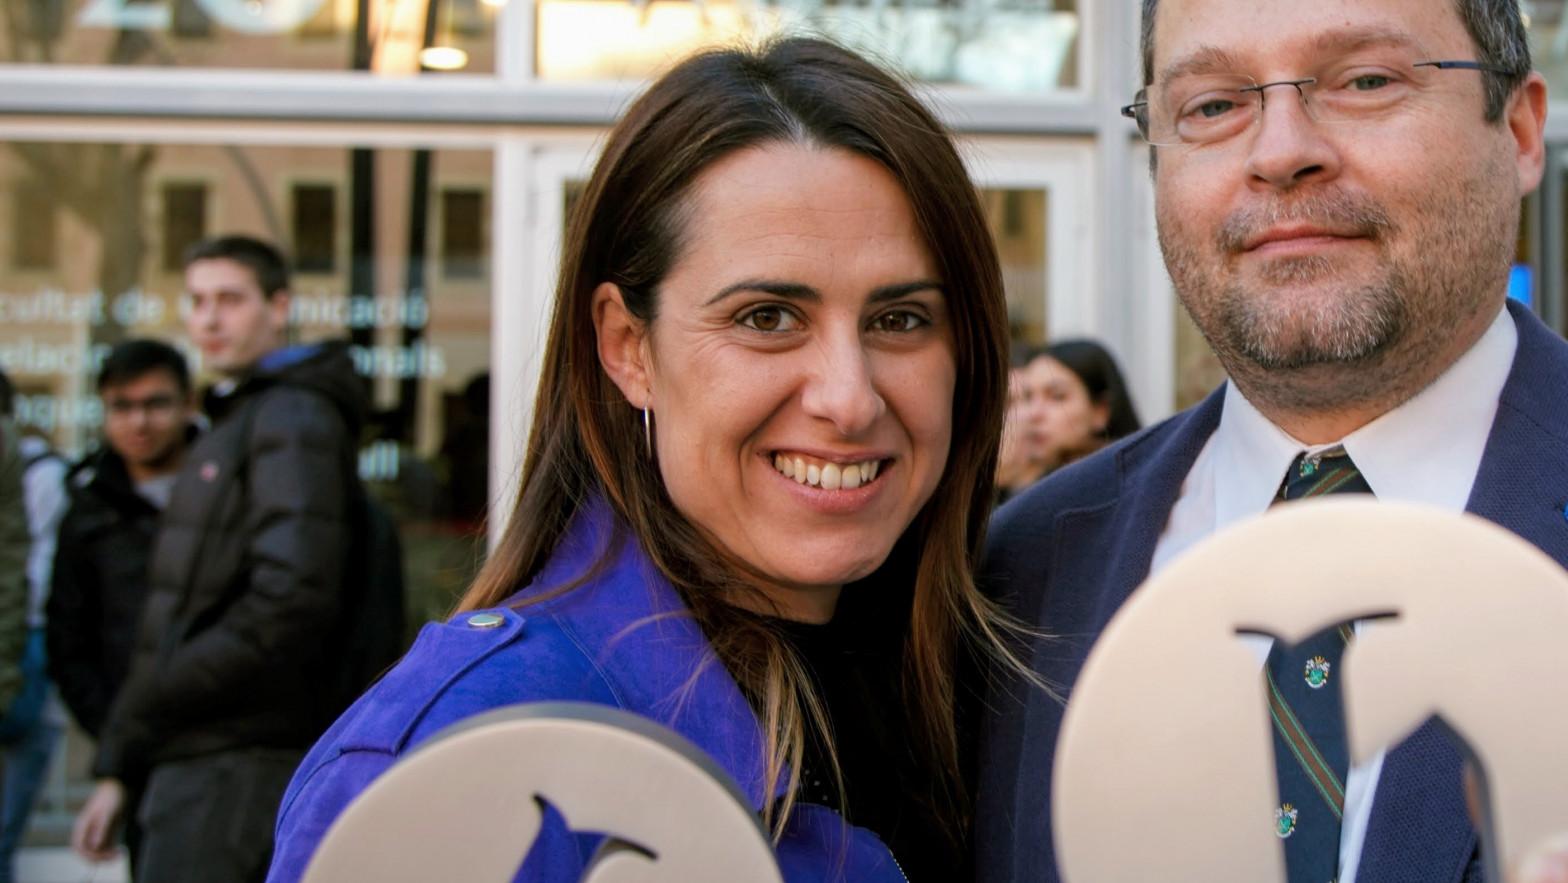 La periodista Patrícia Plaja, nueva portavoz del Govern de Pere Aragonès